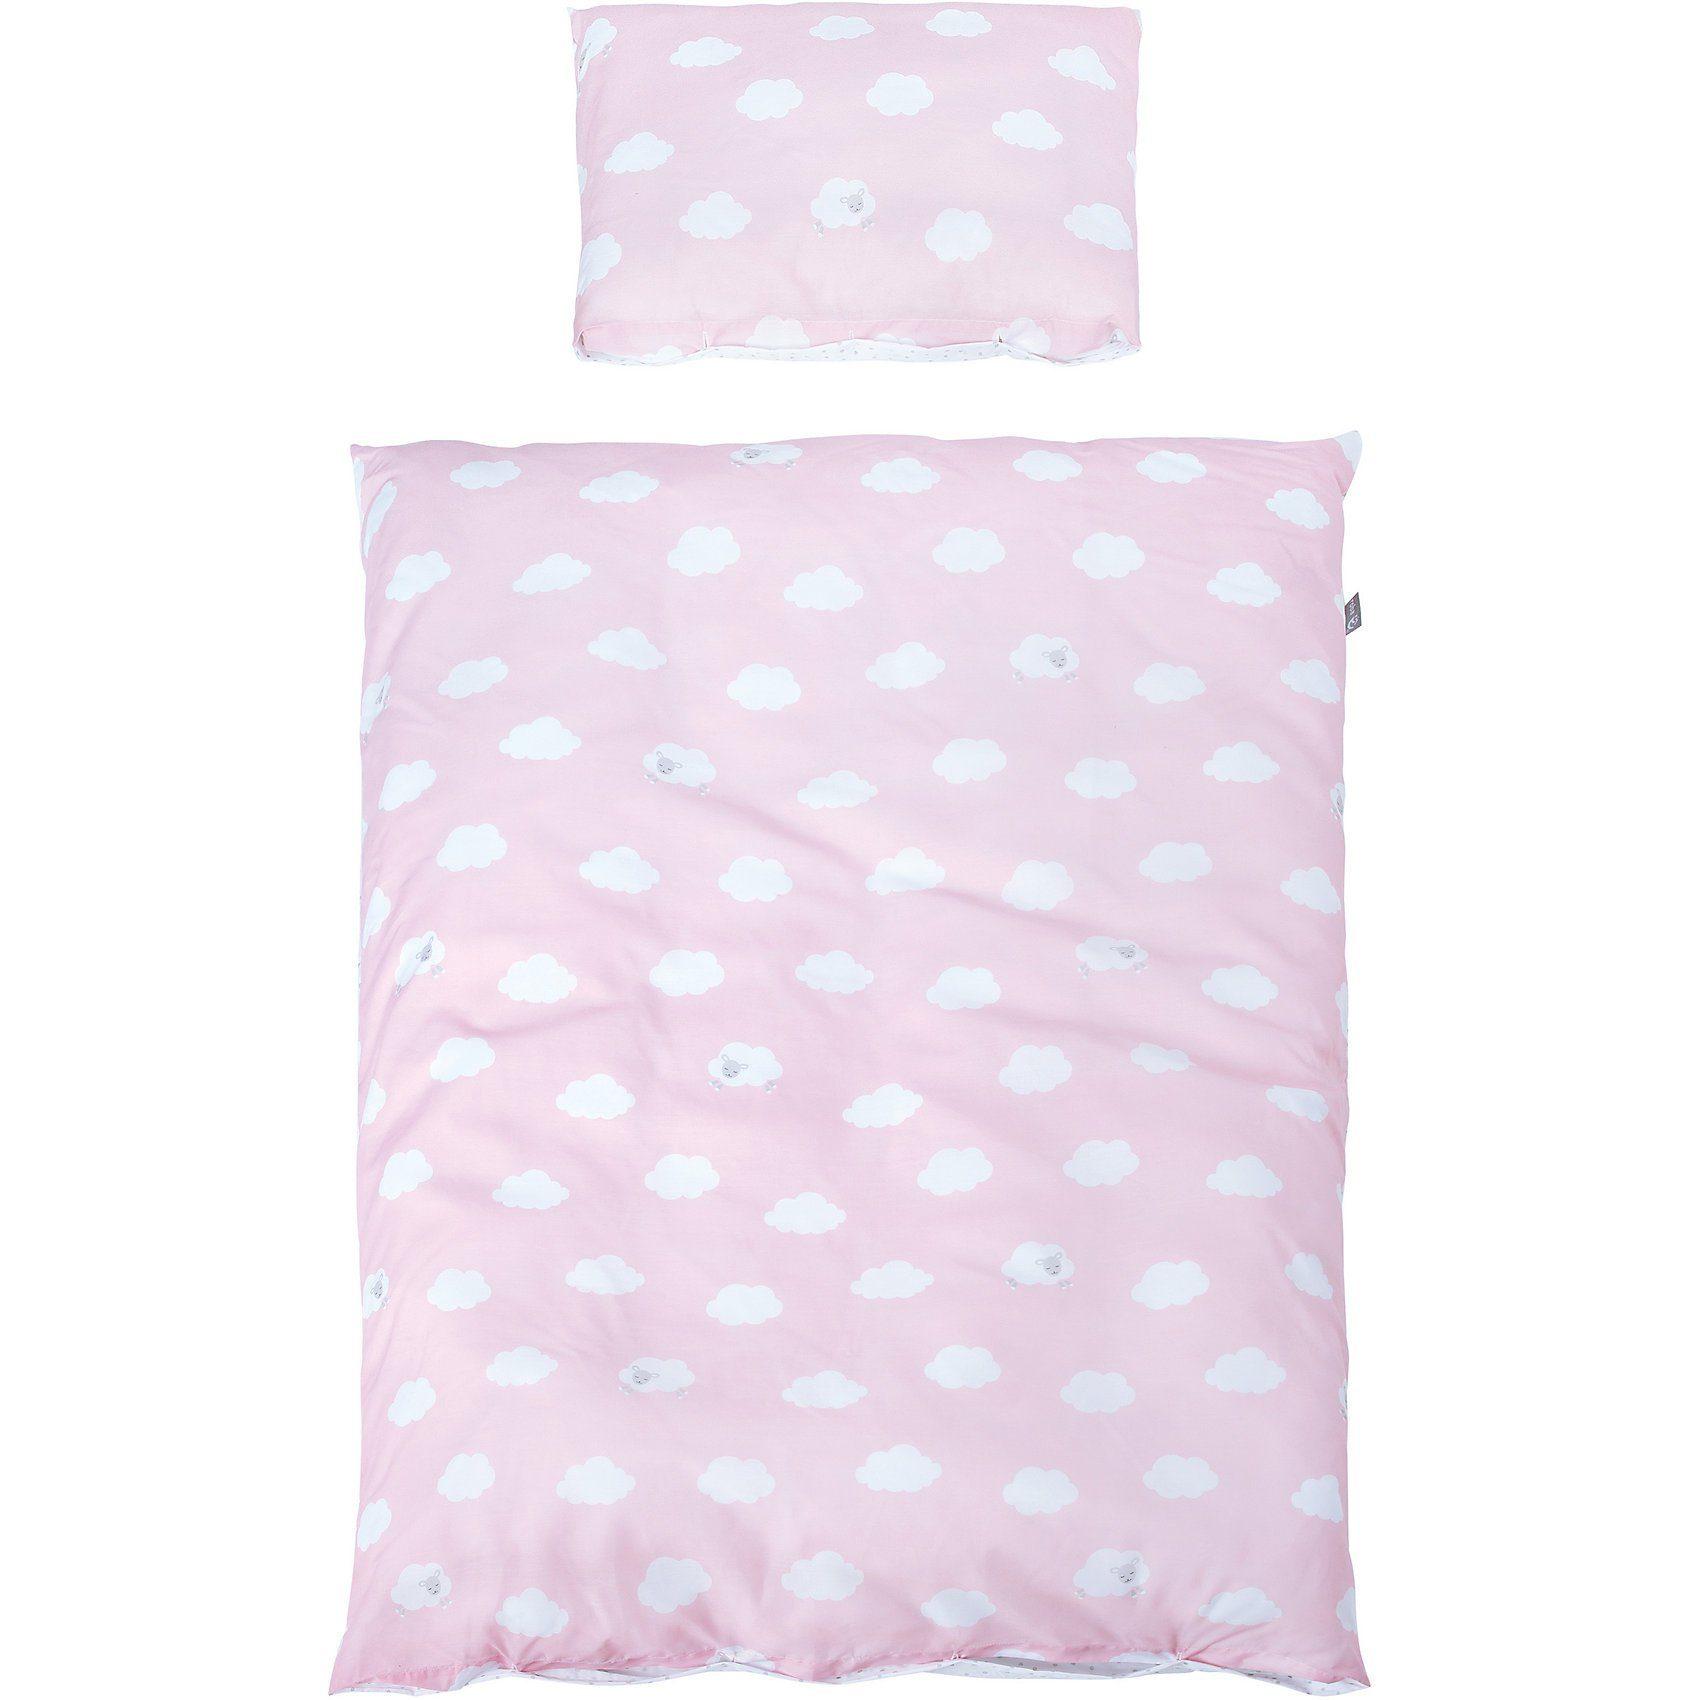 Roba® Kinderbettwäsche Kleine Wolke, rosa, 100 x 135 cm